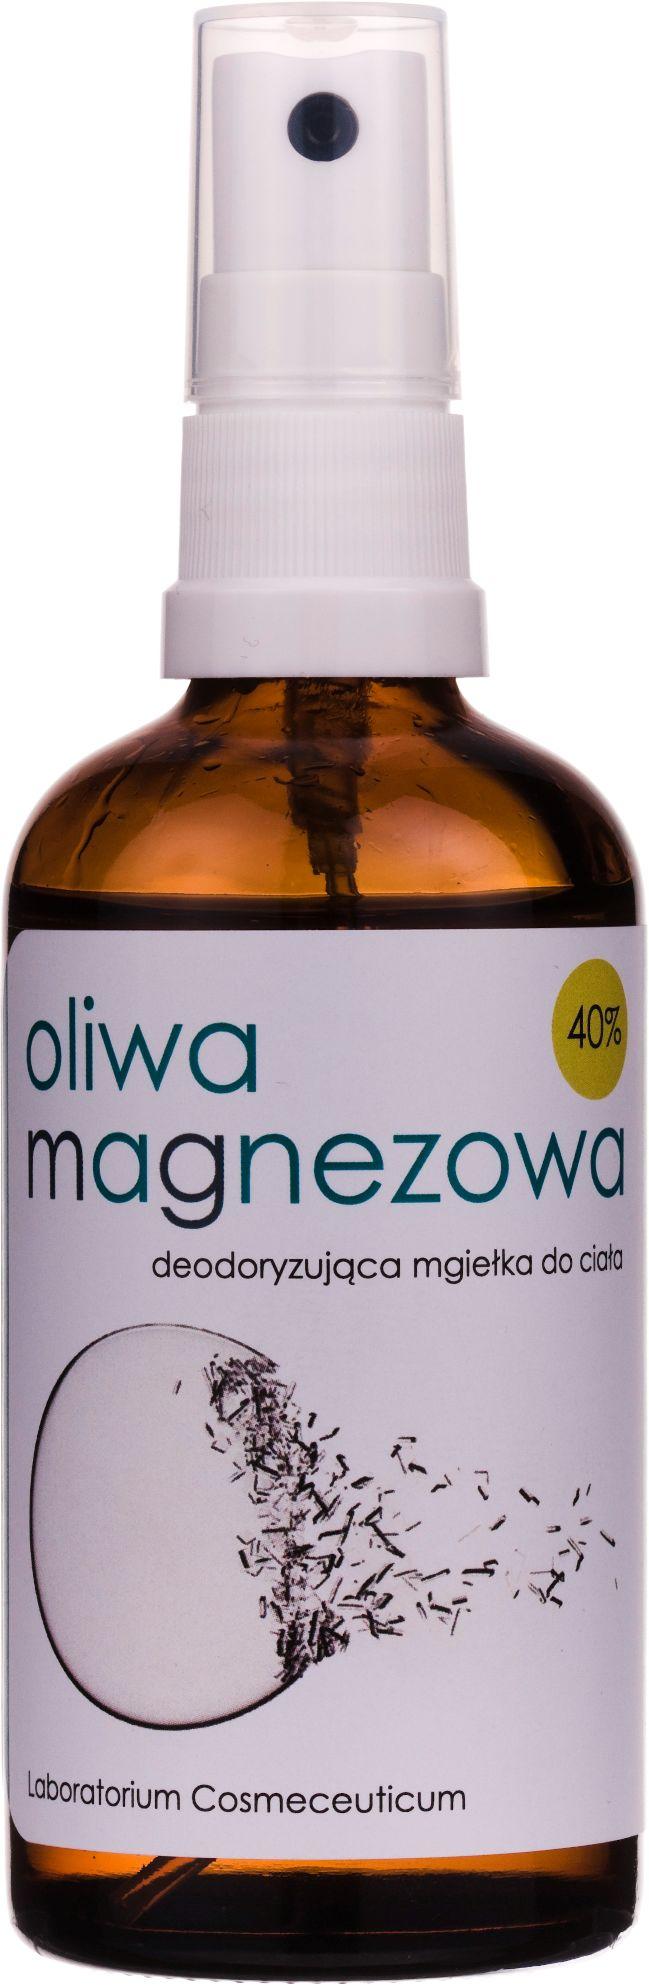 40% Oliwa Magnezowa - Deodoryzująca mgiełka do Ciała 100ml